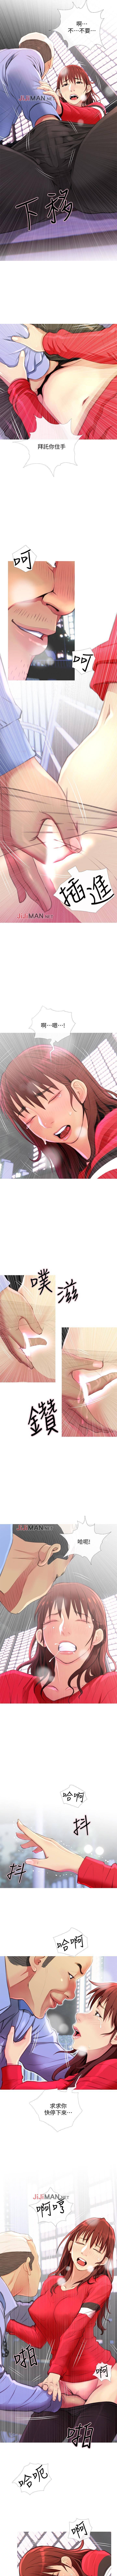 【周五连载】主妇危机(作者:查爾斯&漢水) 第1~26话 24